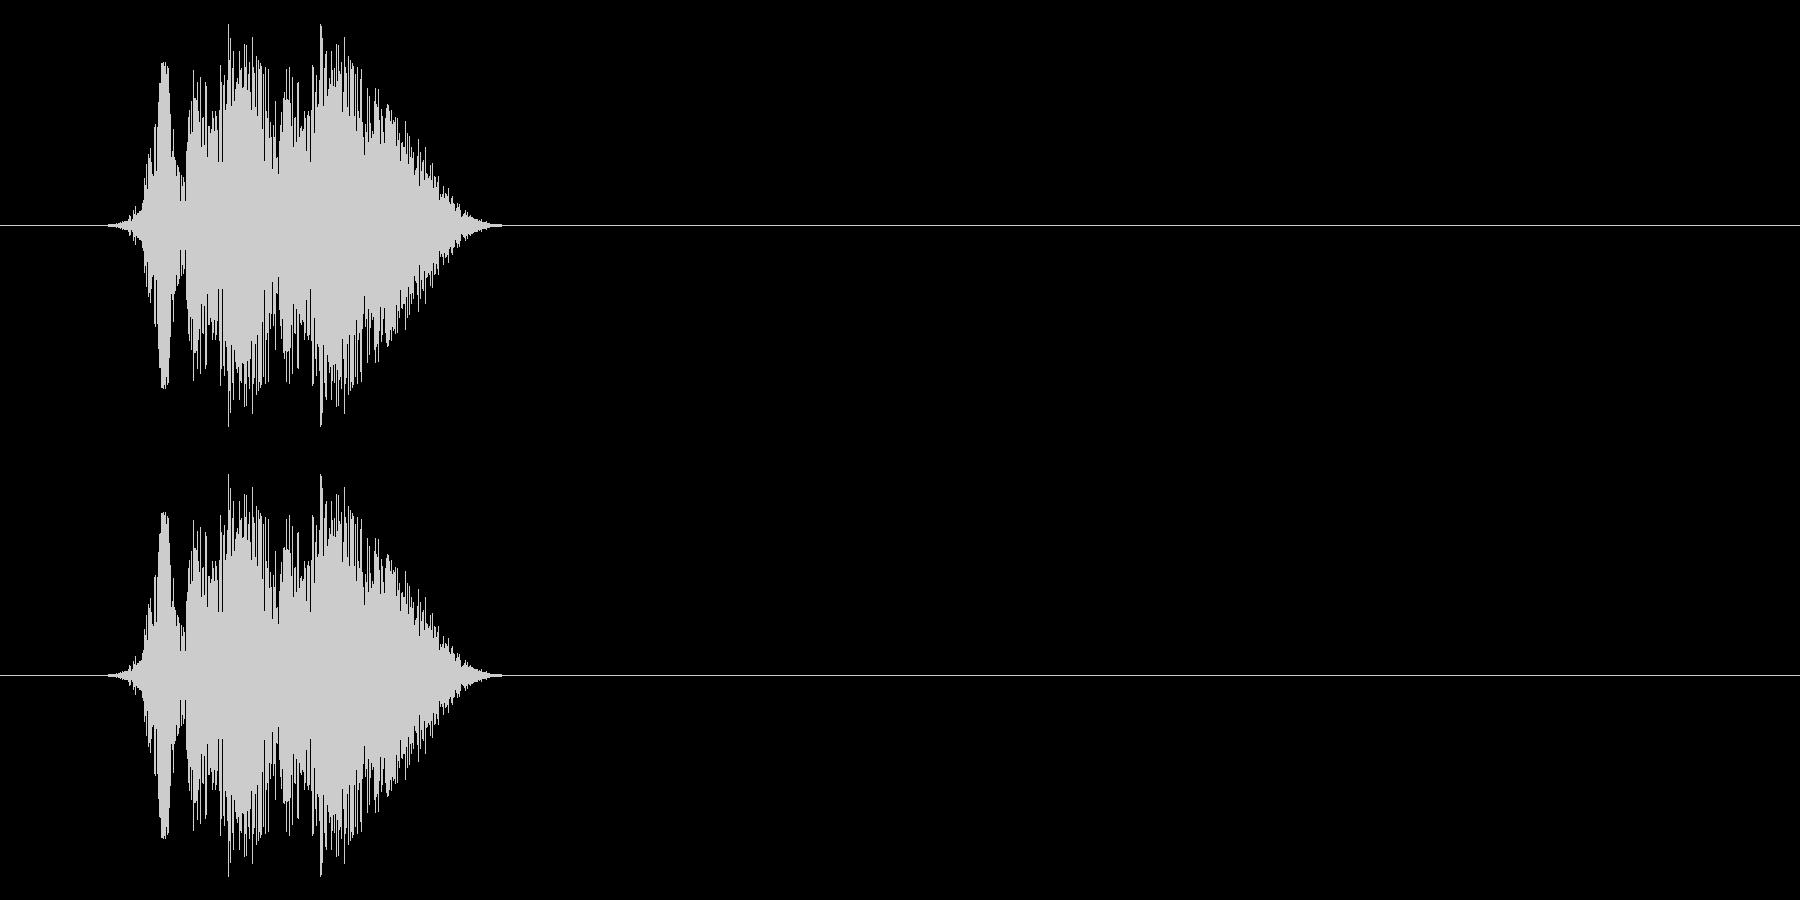 打撃06-4の未再生の波形